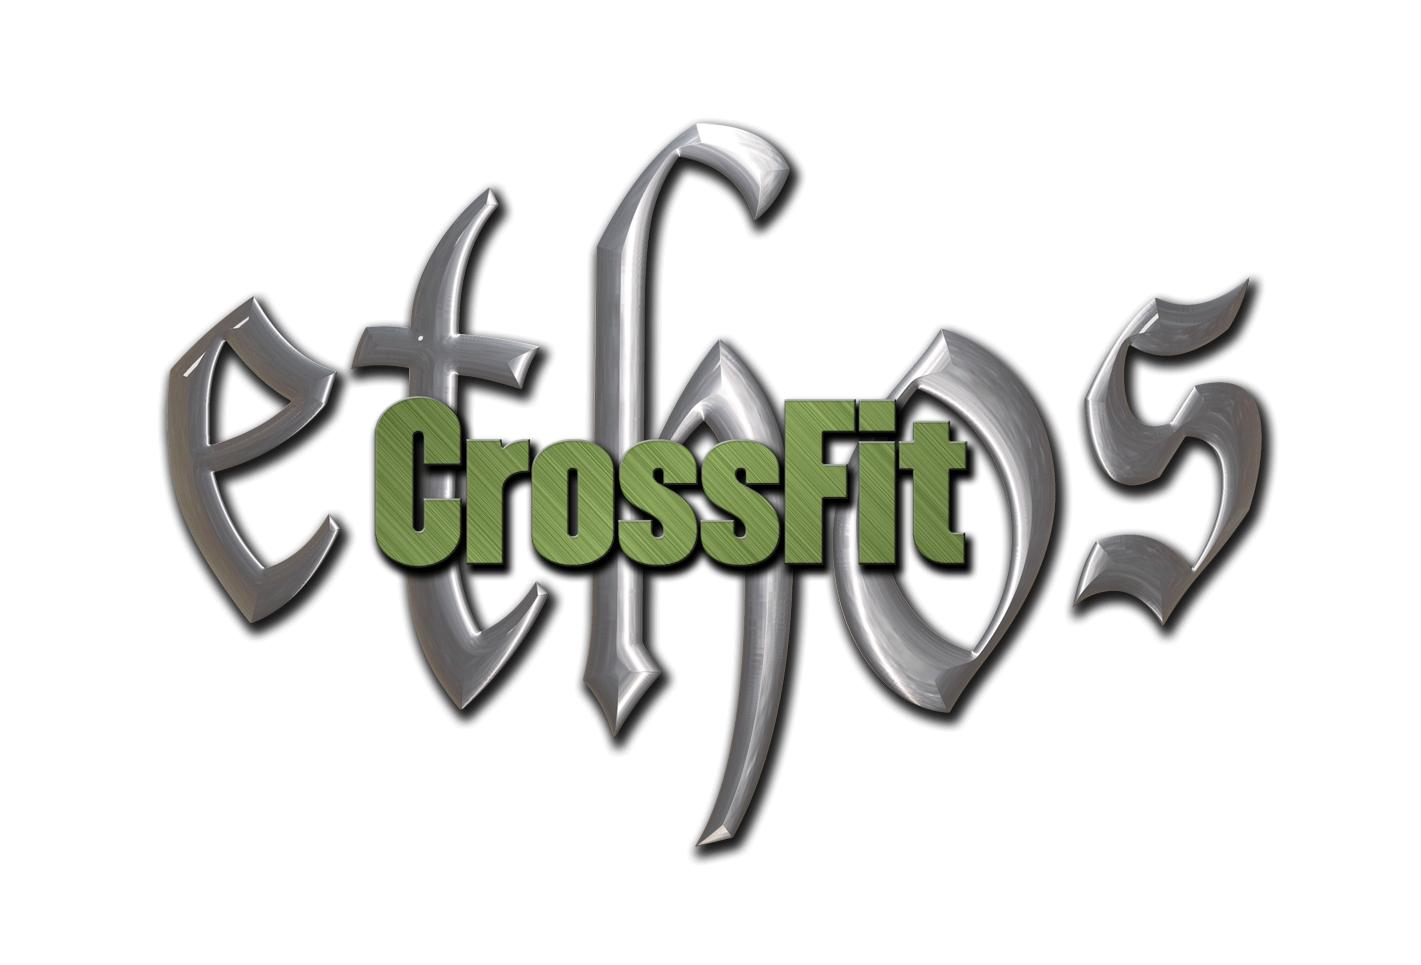 CrossFit Ethos